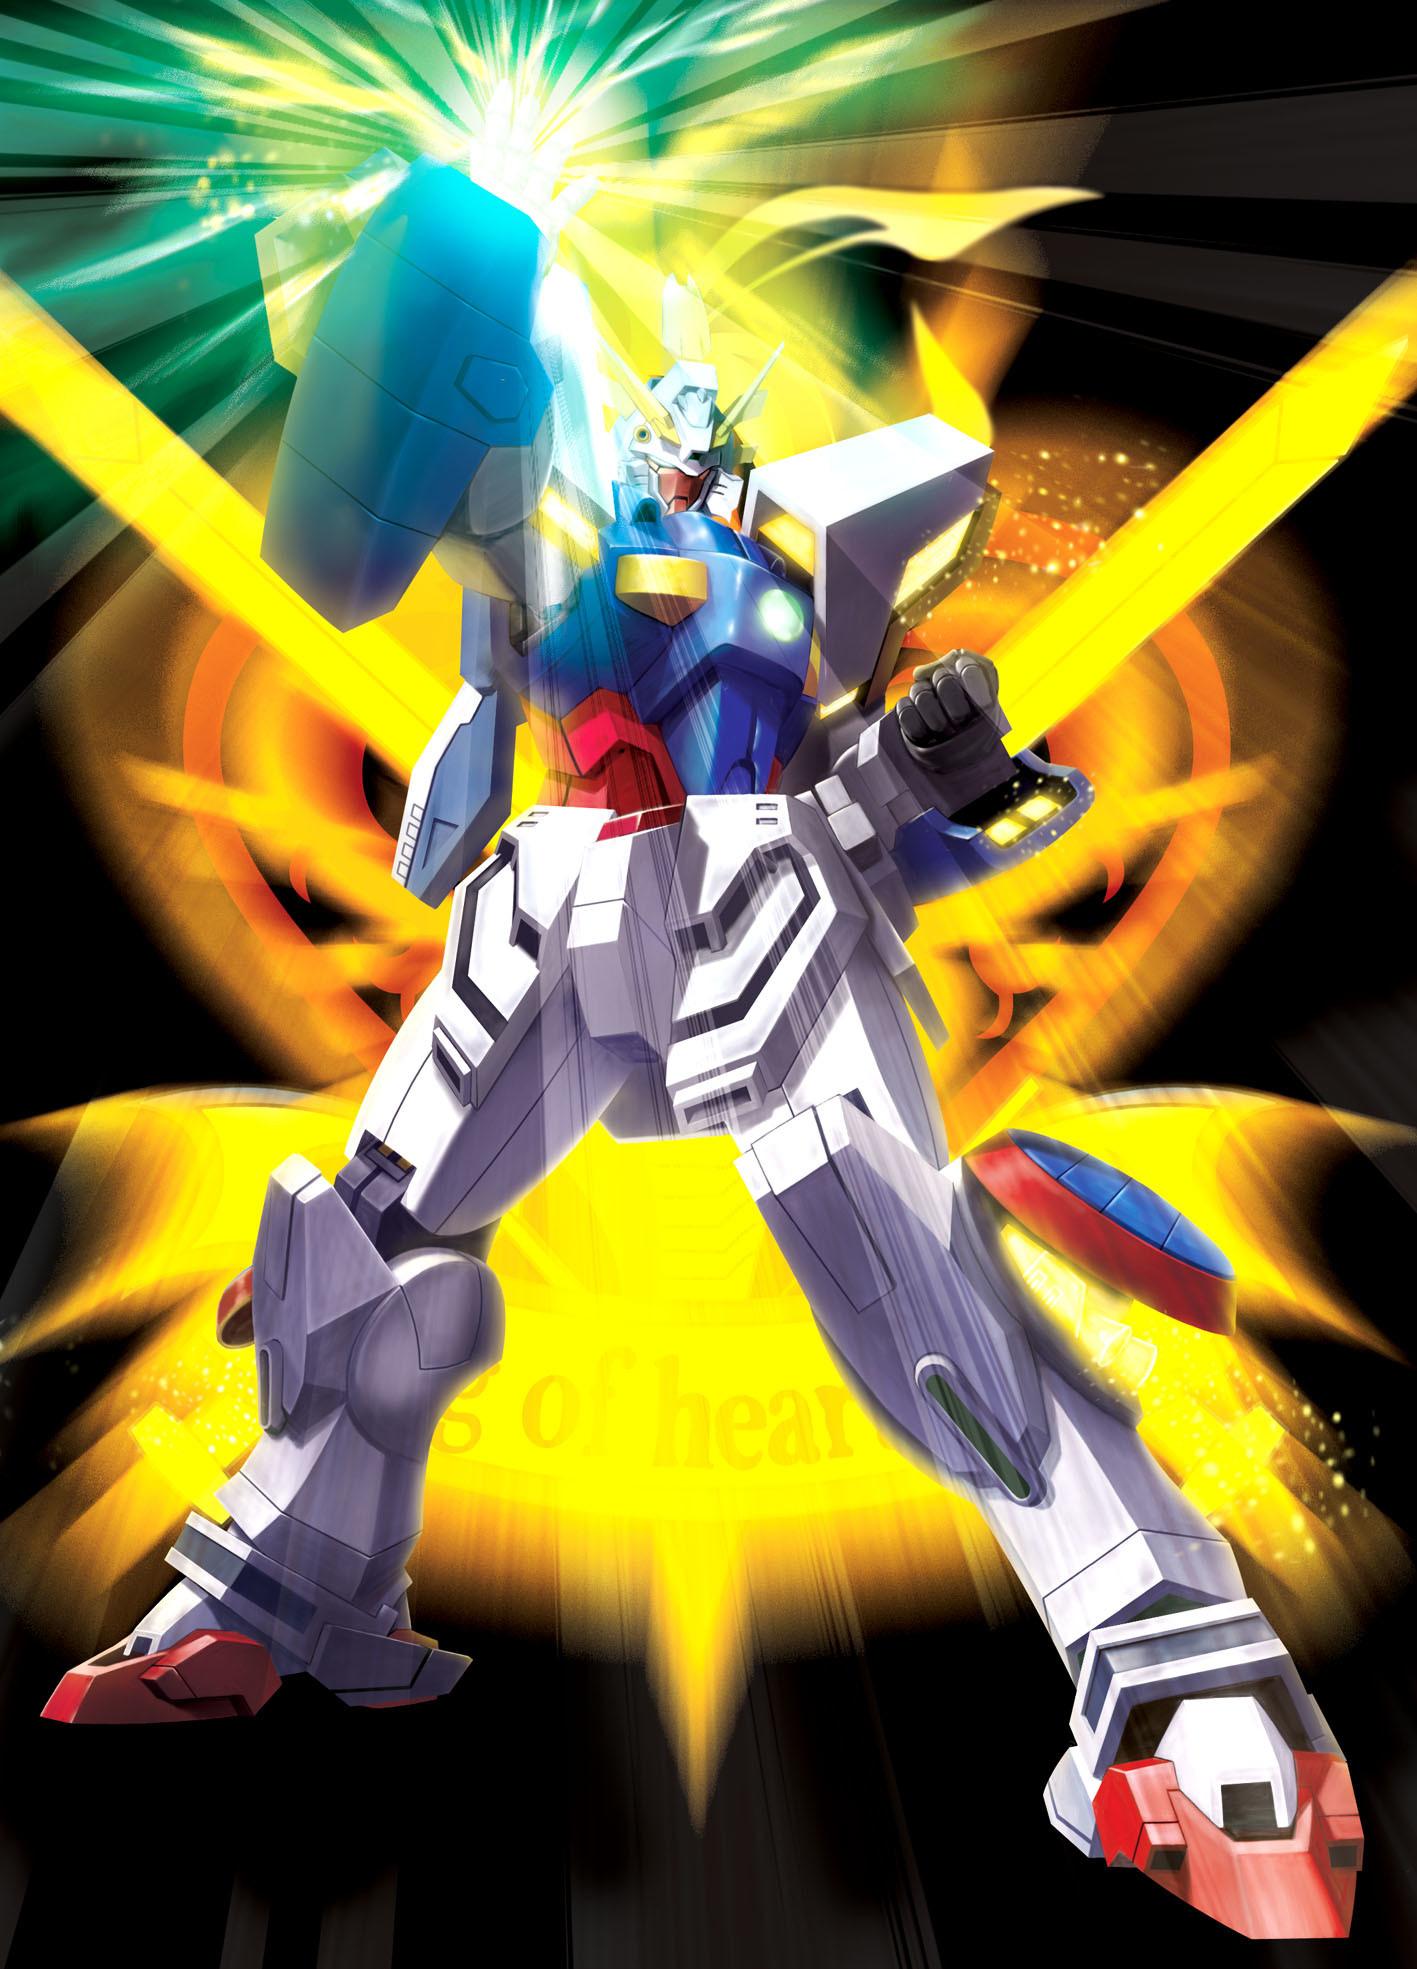 G Gundam Wallpaper HD For iPhone